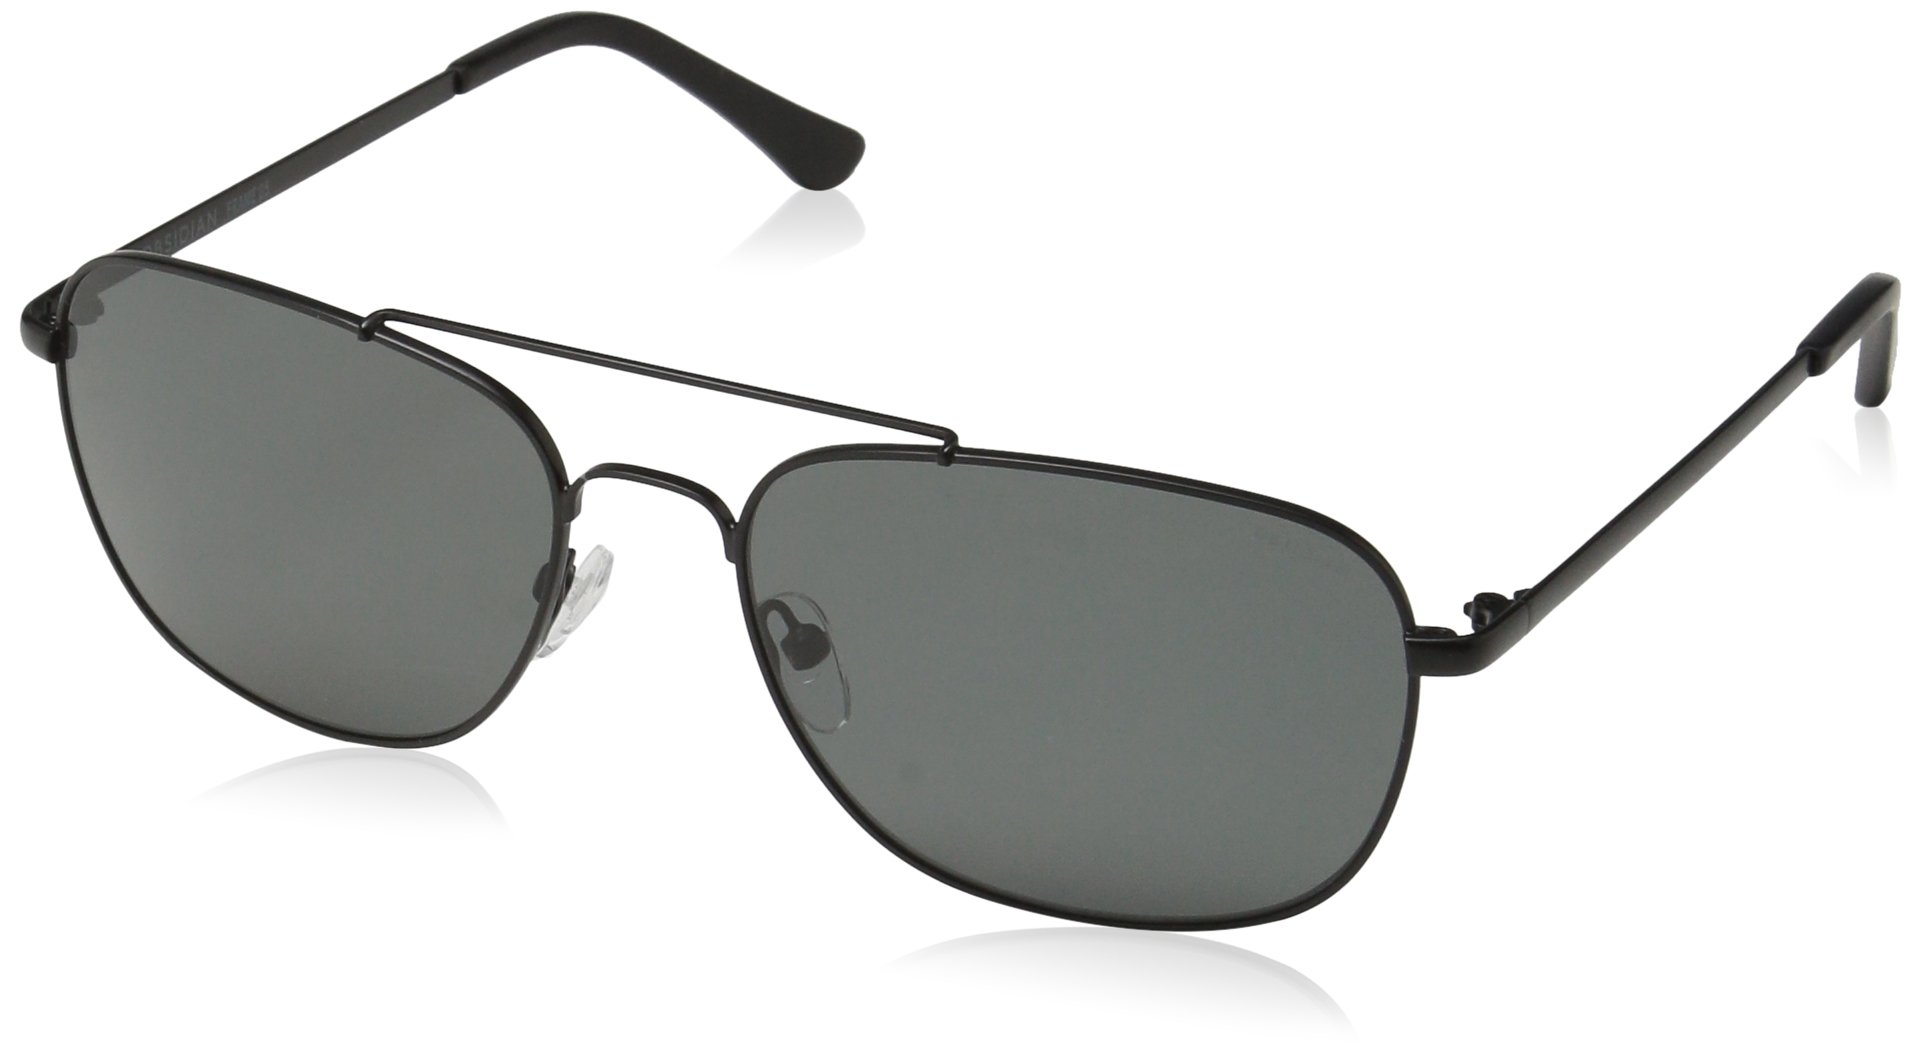 Obsidian Sunglasses for Men Aviator Polarized Rectangle Frame 05, Black, 58 mm by Obsidian Sunglasses